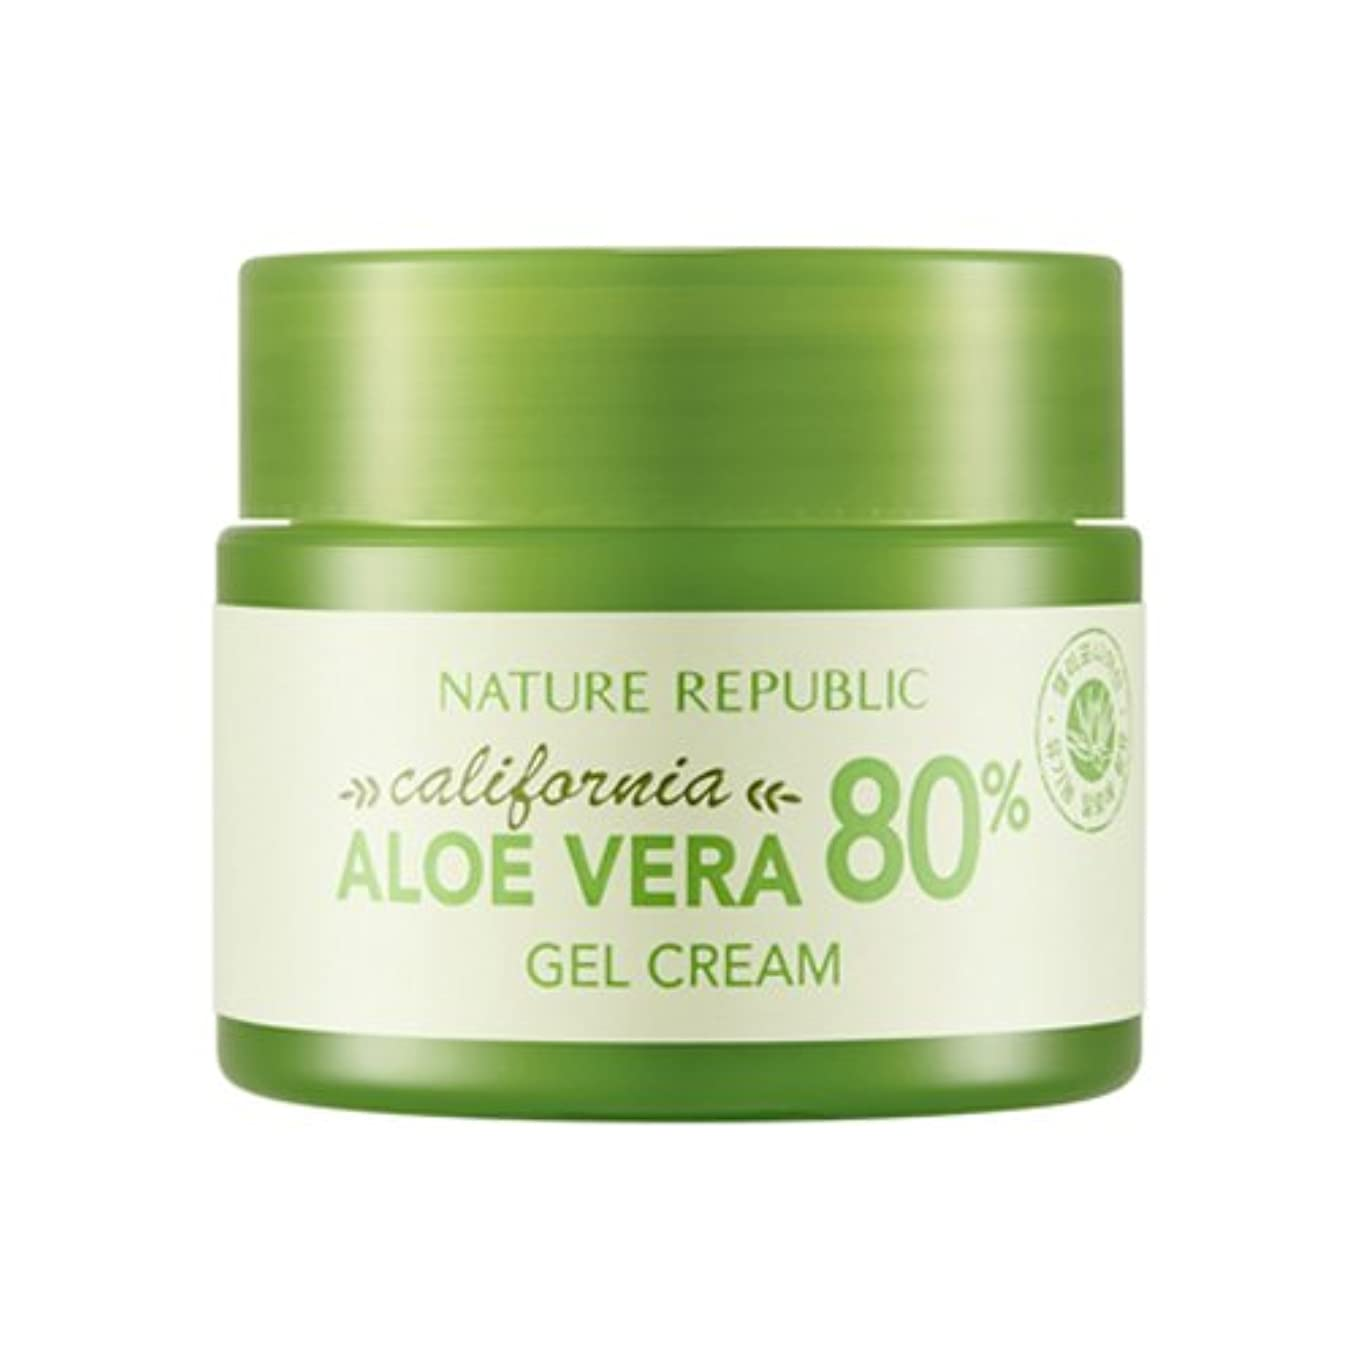 予約改善するコンテンポラリー[ネイチャーリパブリック] Nature Republic カリフォルニアアロエベラ80%のゲルクリーム California Aloe Vera 80% Gel Cream [並行輸入品]